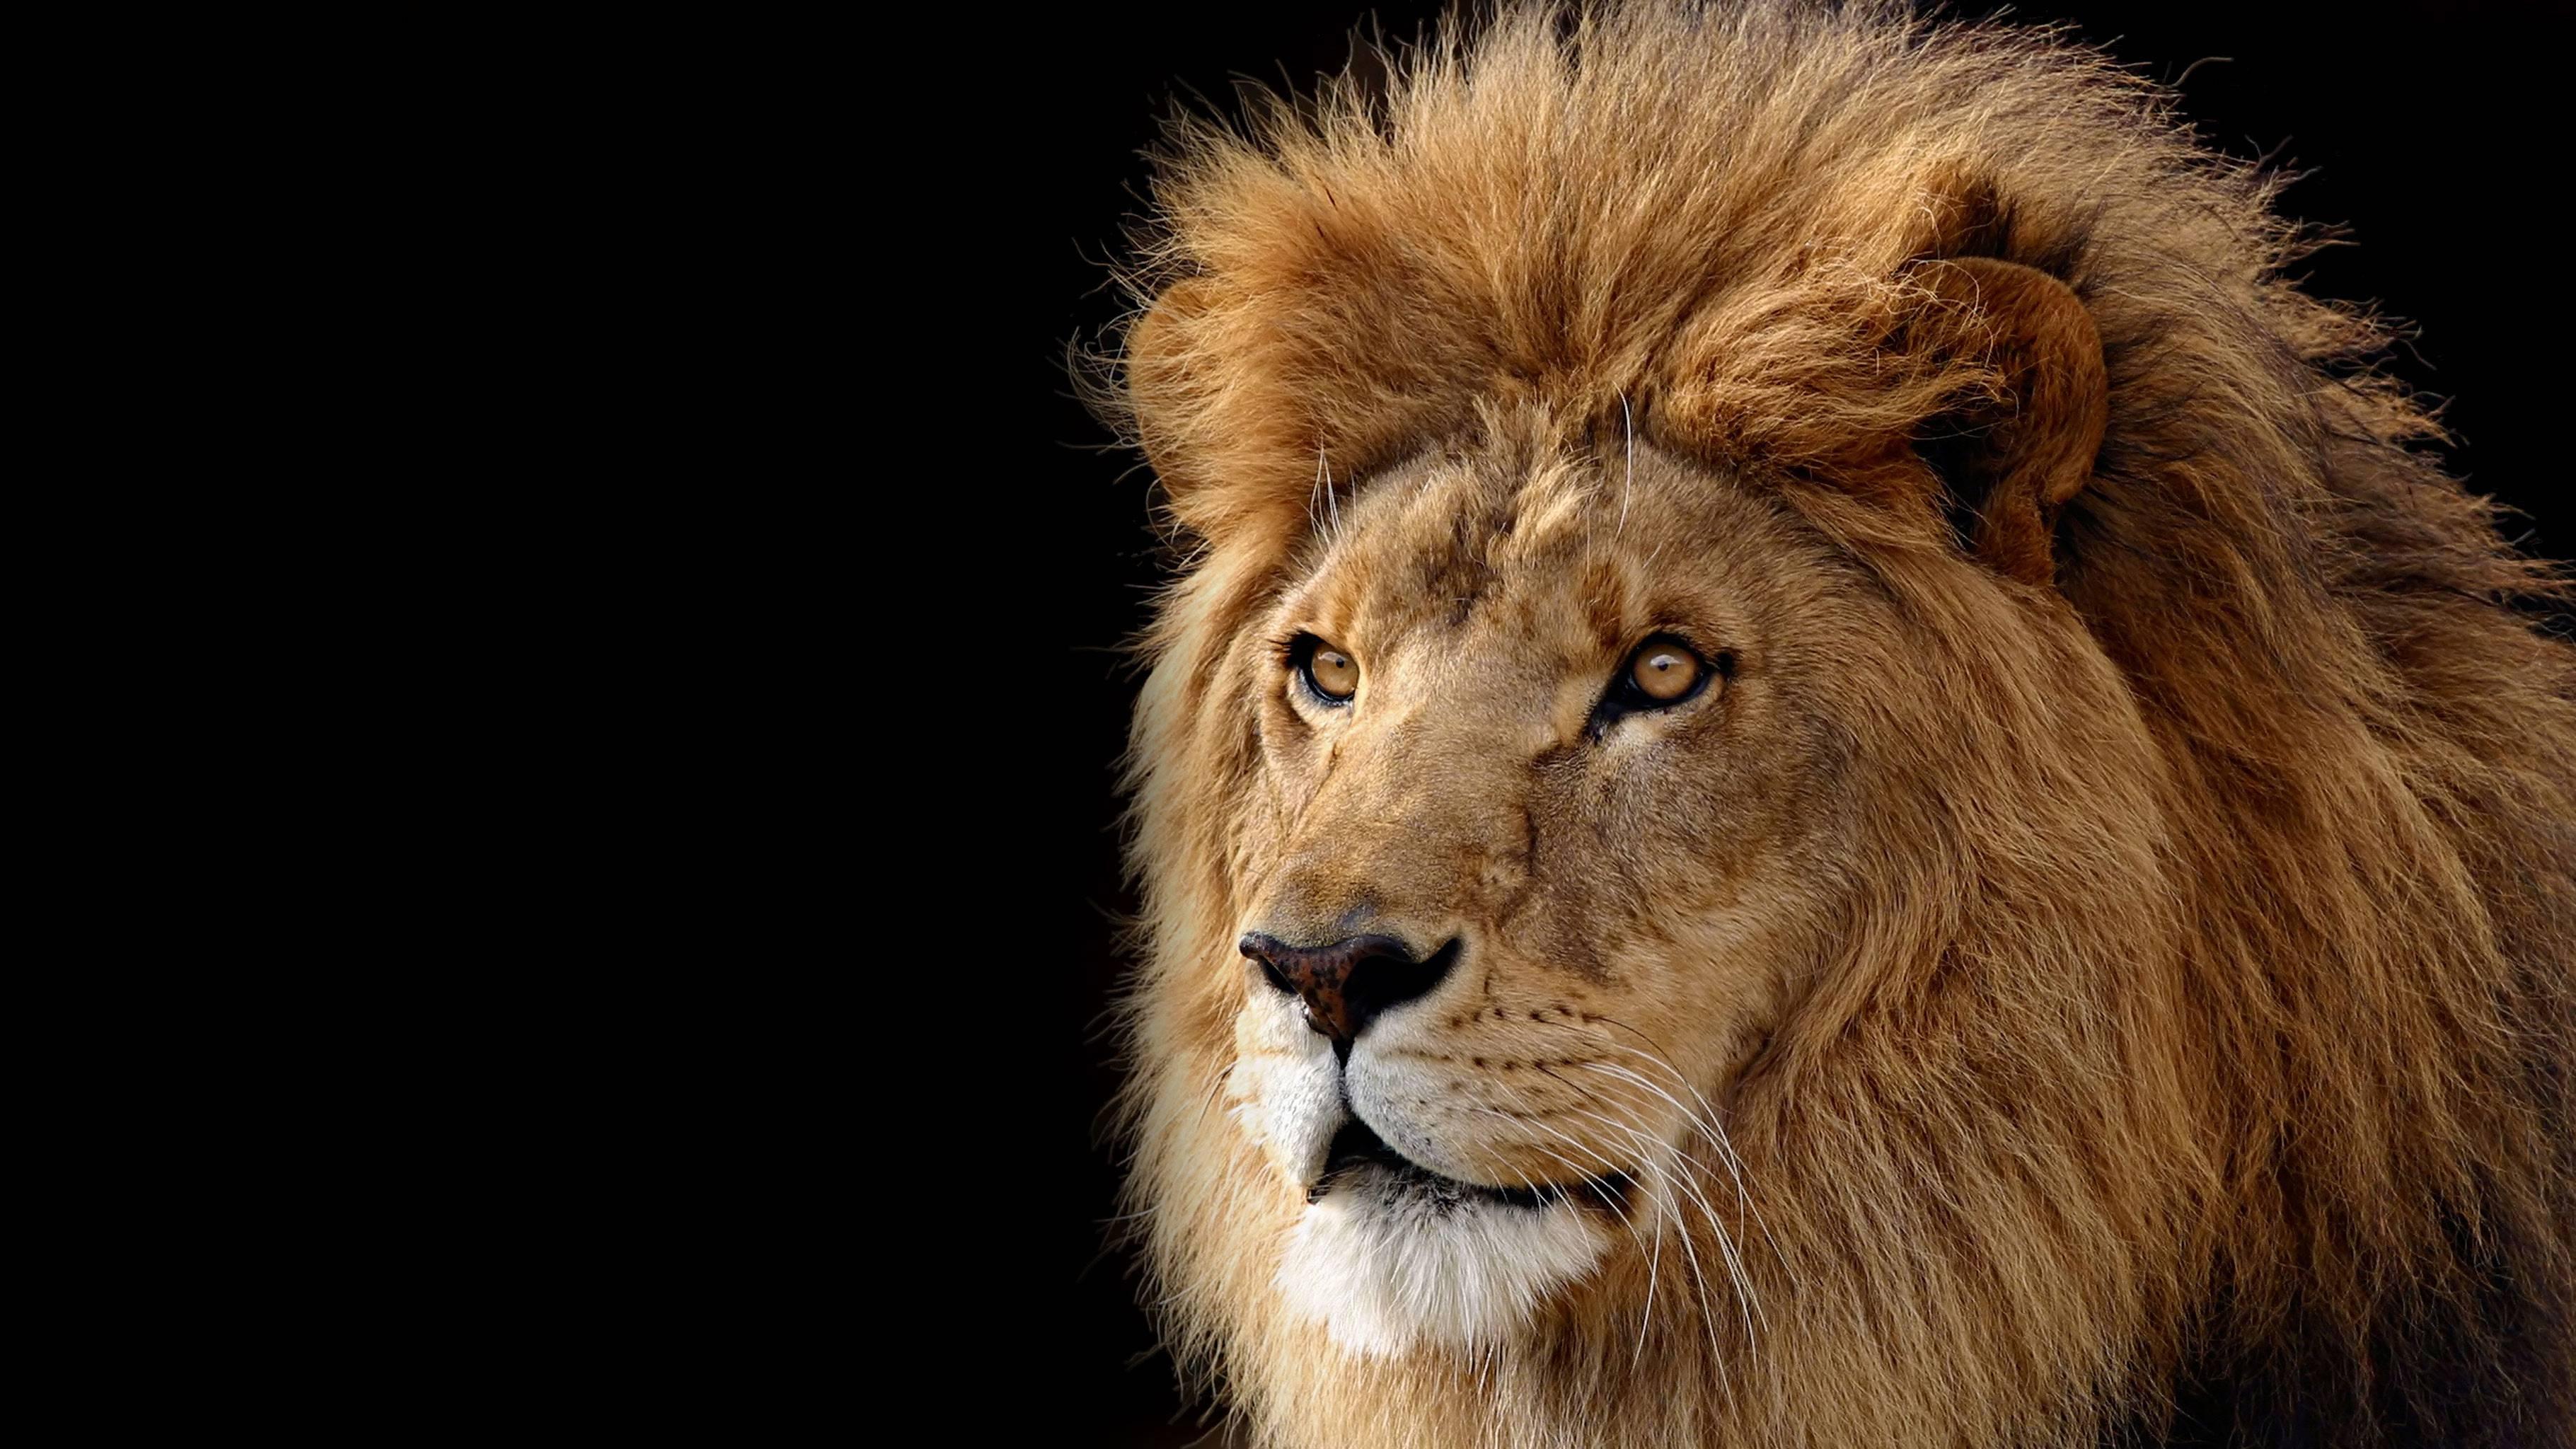 Lion Desktop Backgrounds Wallpaper Cave